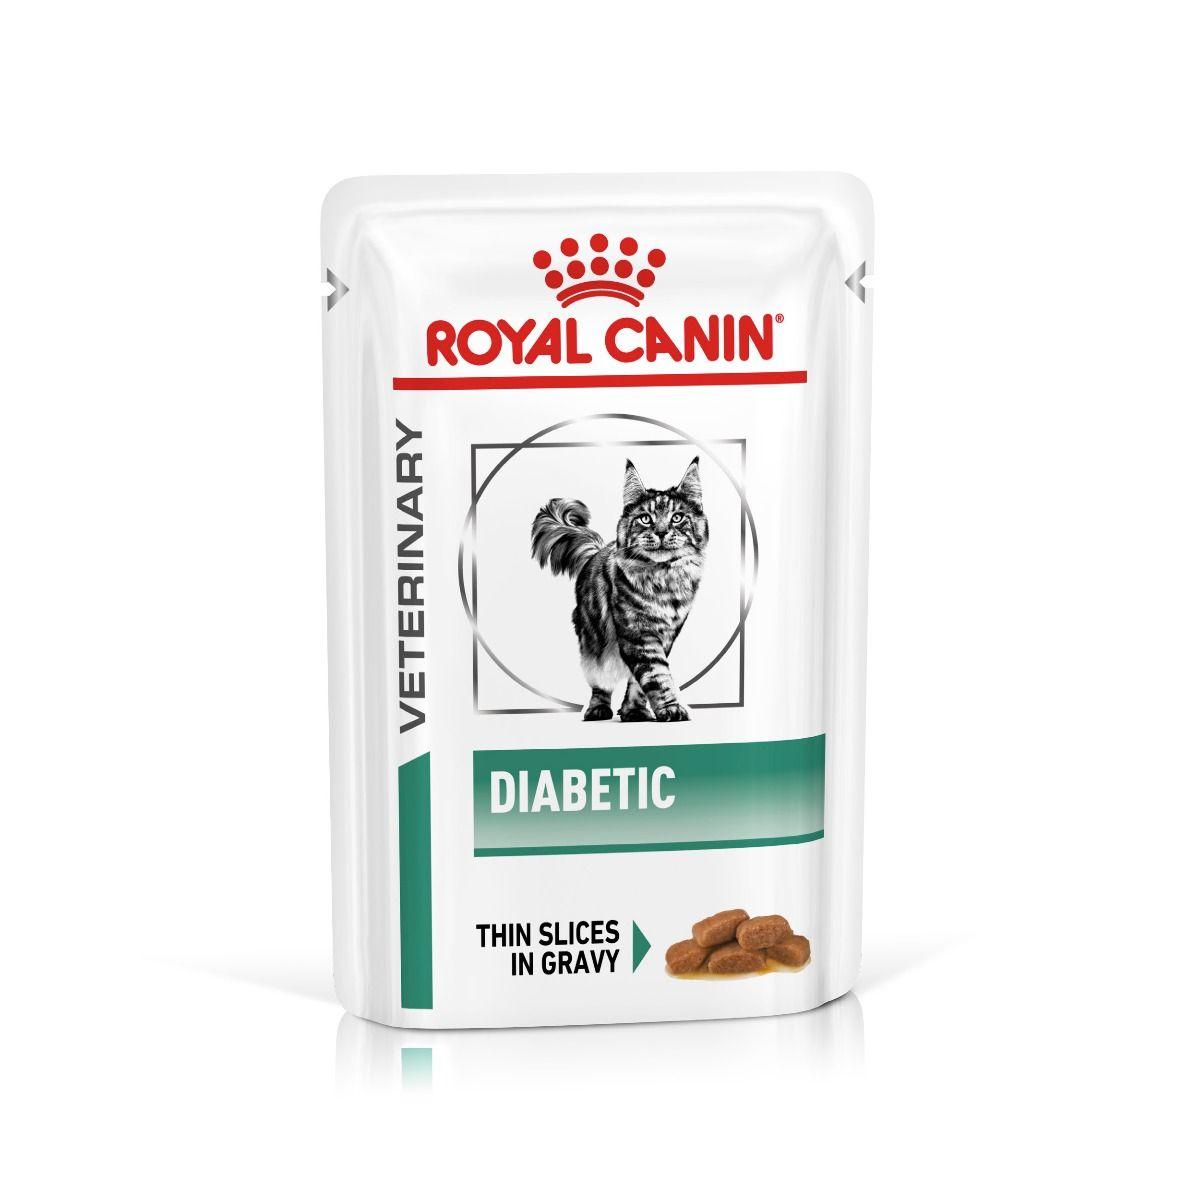 ROYAL CANIN DIABETIC FELINE Pouches – лечебный влажный корм для взрослых котов при сахарном диабете